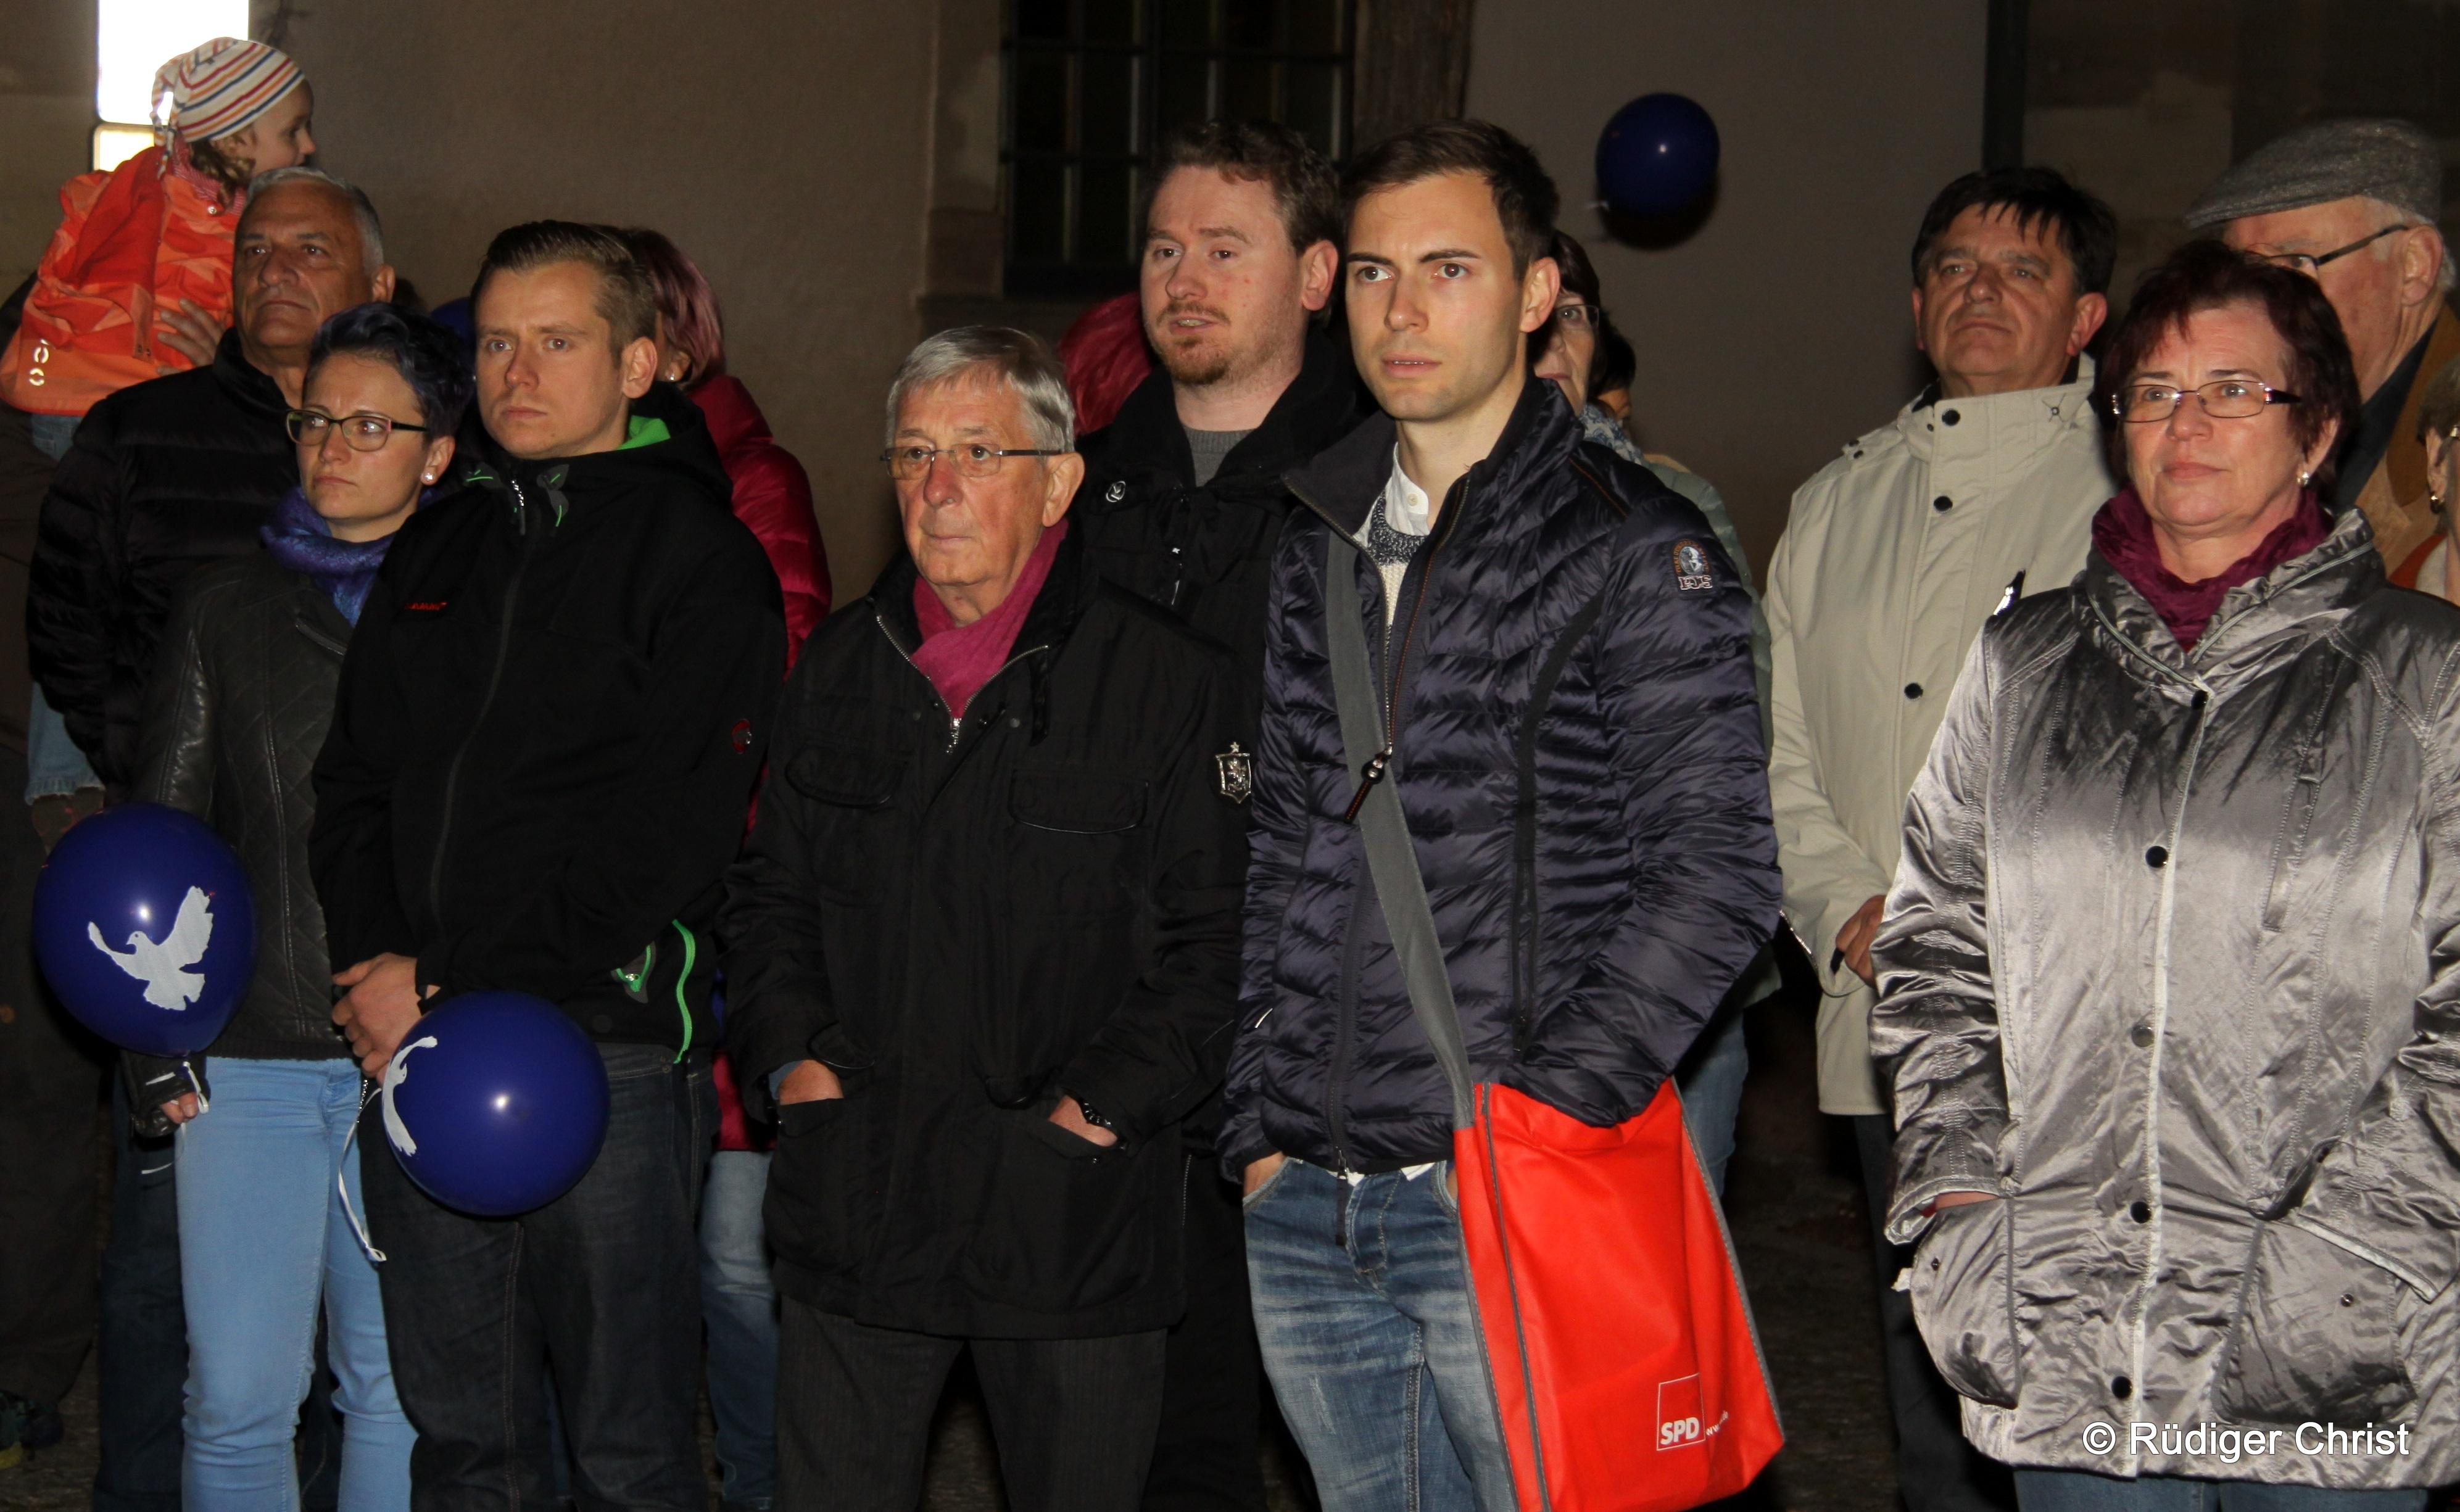 """Günter Pohl, Christian Gesang, Maik Klotzbach, Gunter Kunze und weitere Genossen verfolgten die Veranstaltung am 09.11. auf dem Kirchplatz um ein Zeichen gegen """"Rechts"""" zu setzen"""